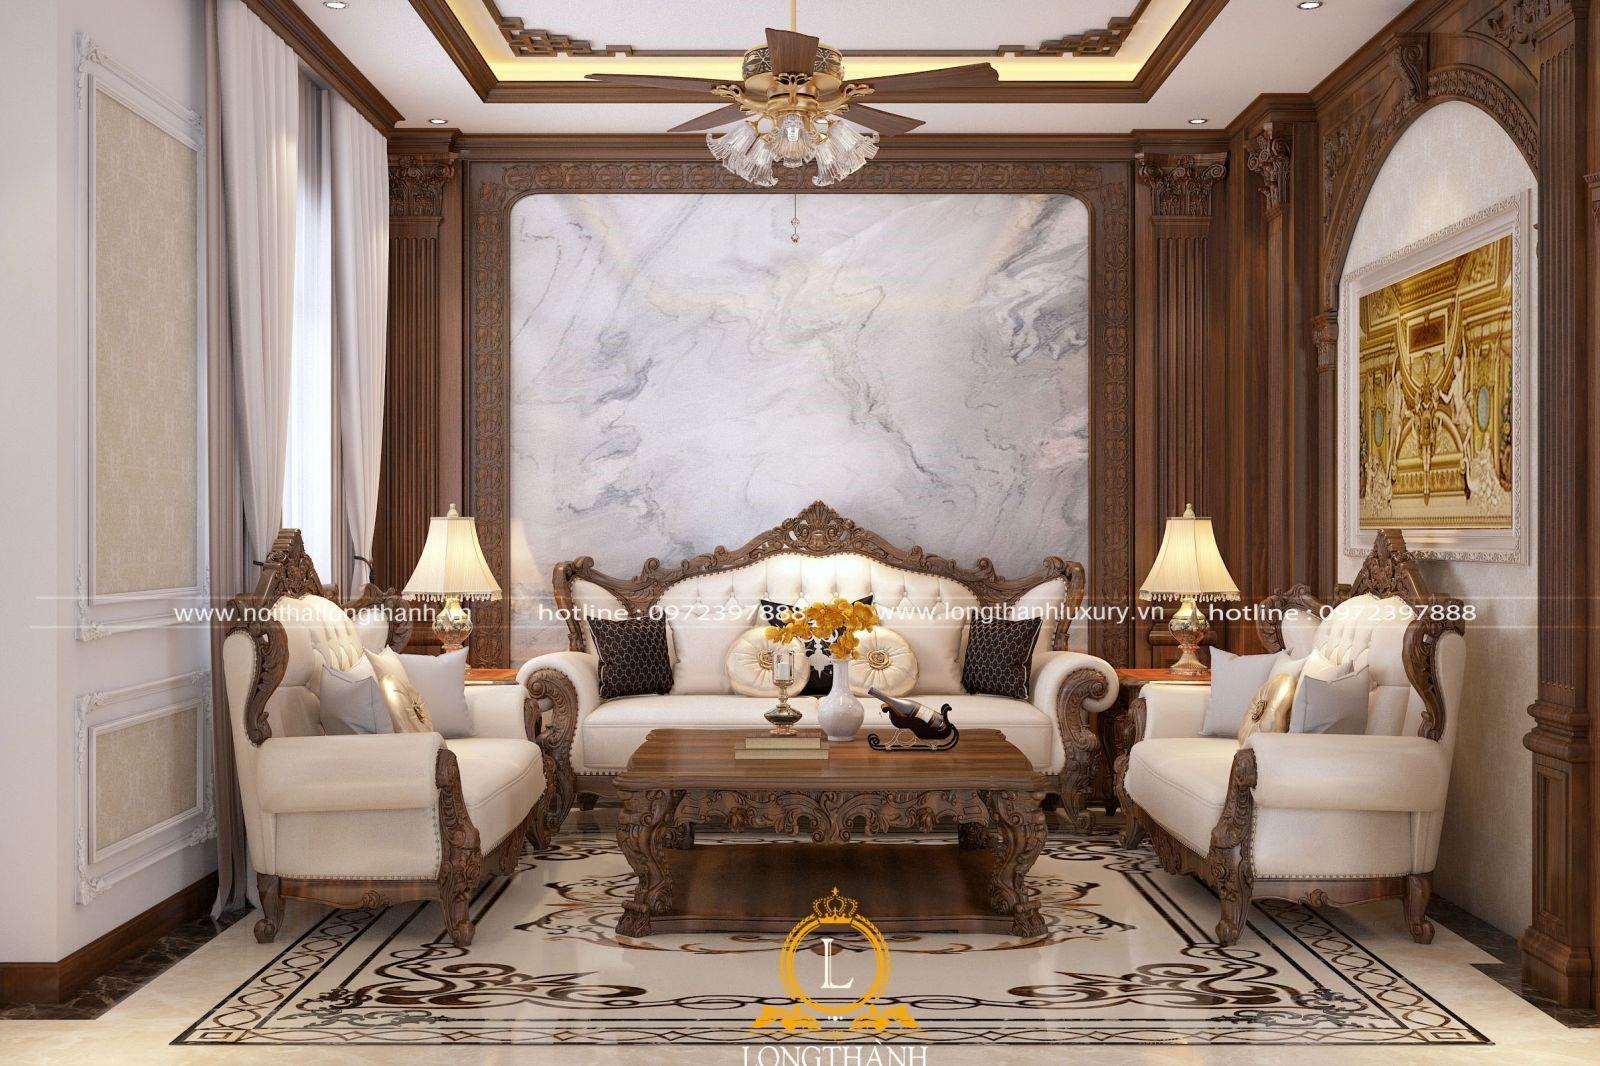 Thiết kế nội thất biệt thự mini thường có sự eo hẹp về không gian và diện tích